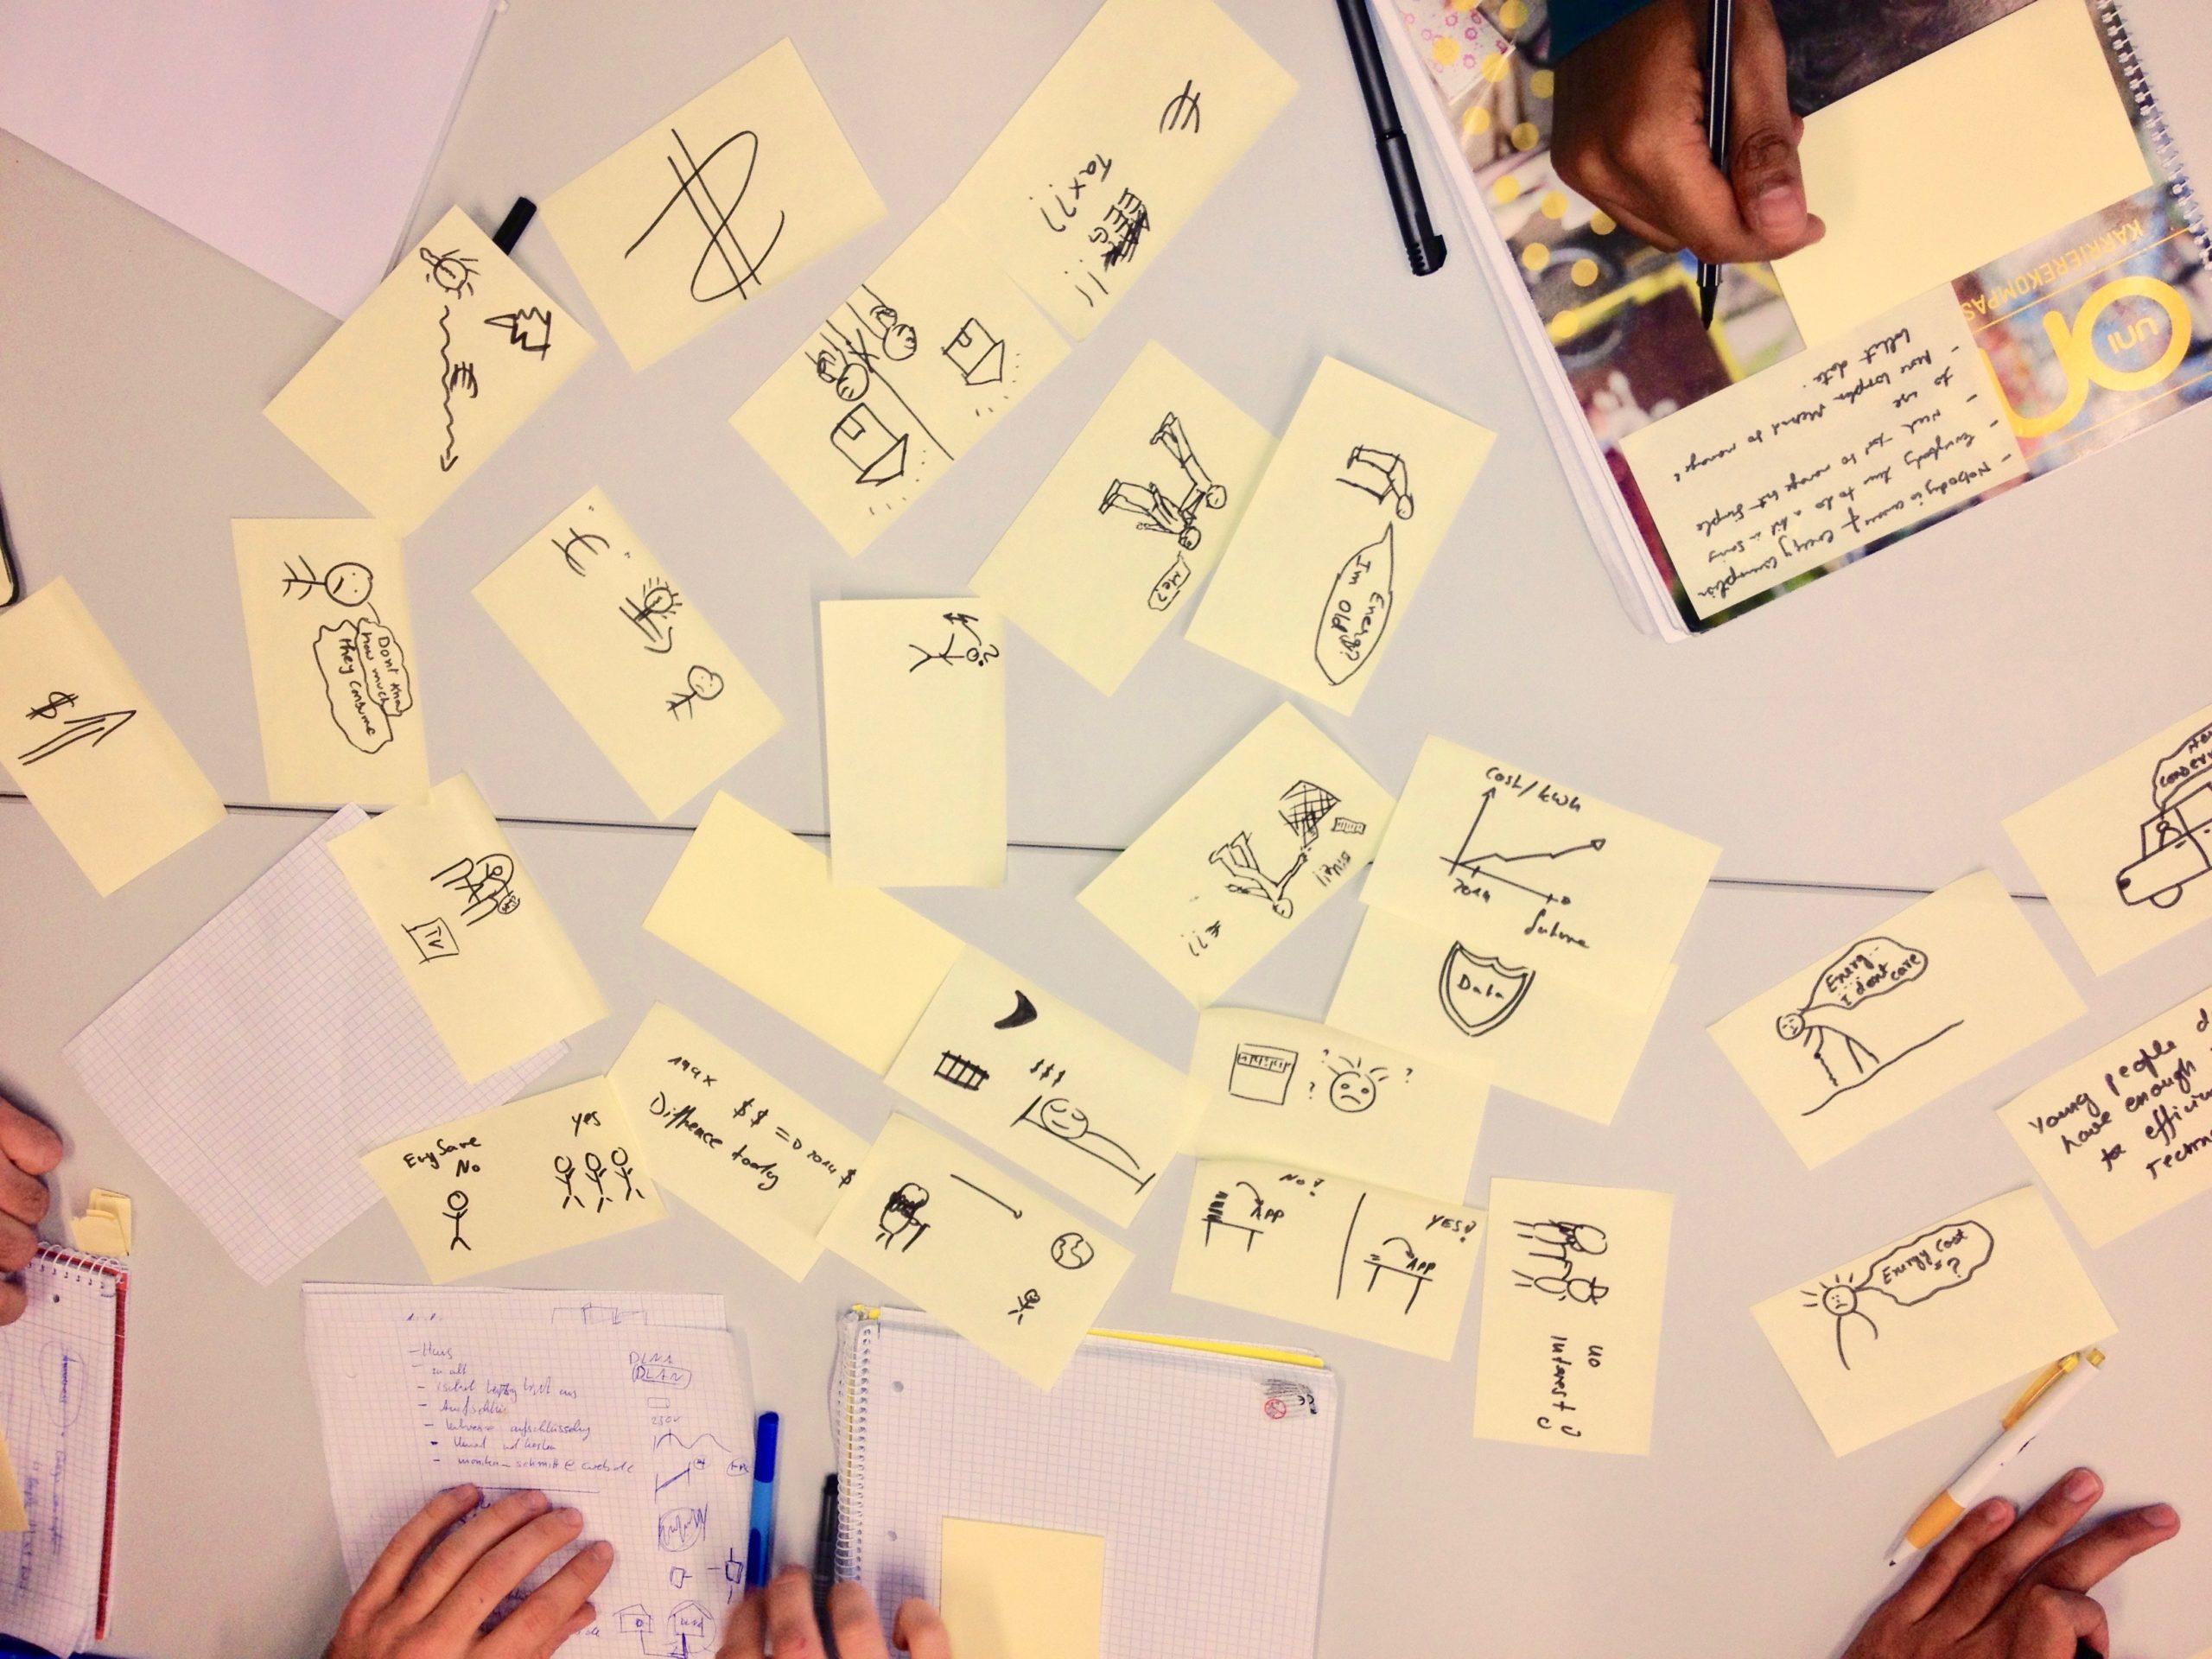 Bild Vogelperspektive von einem Tisch mit vielen kleinen Zettelchen und Händen mit Stiften